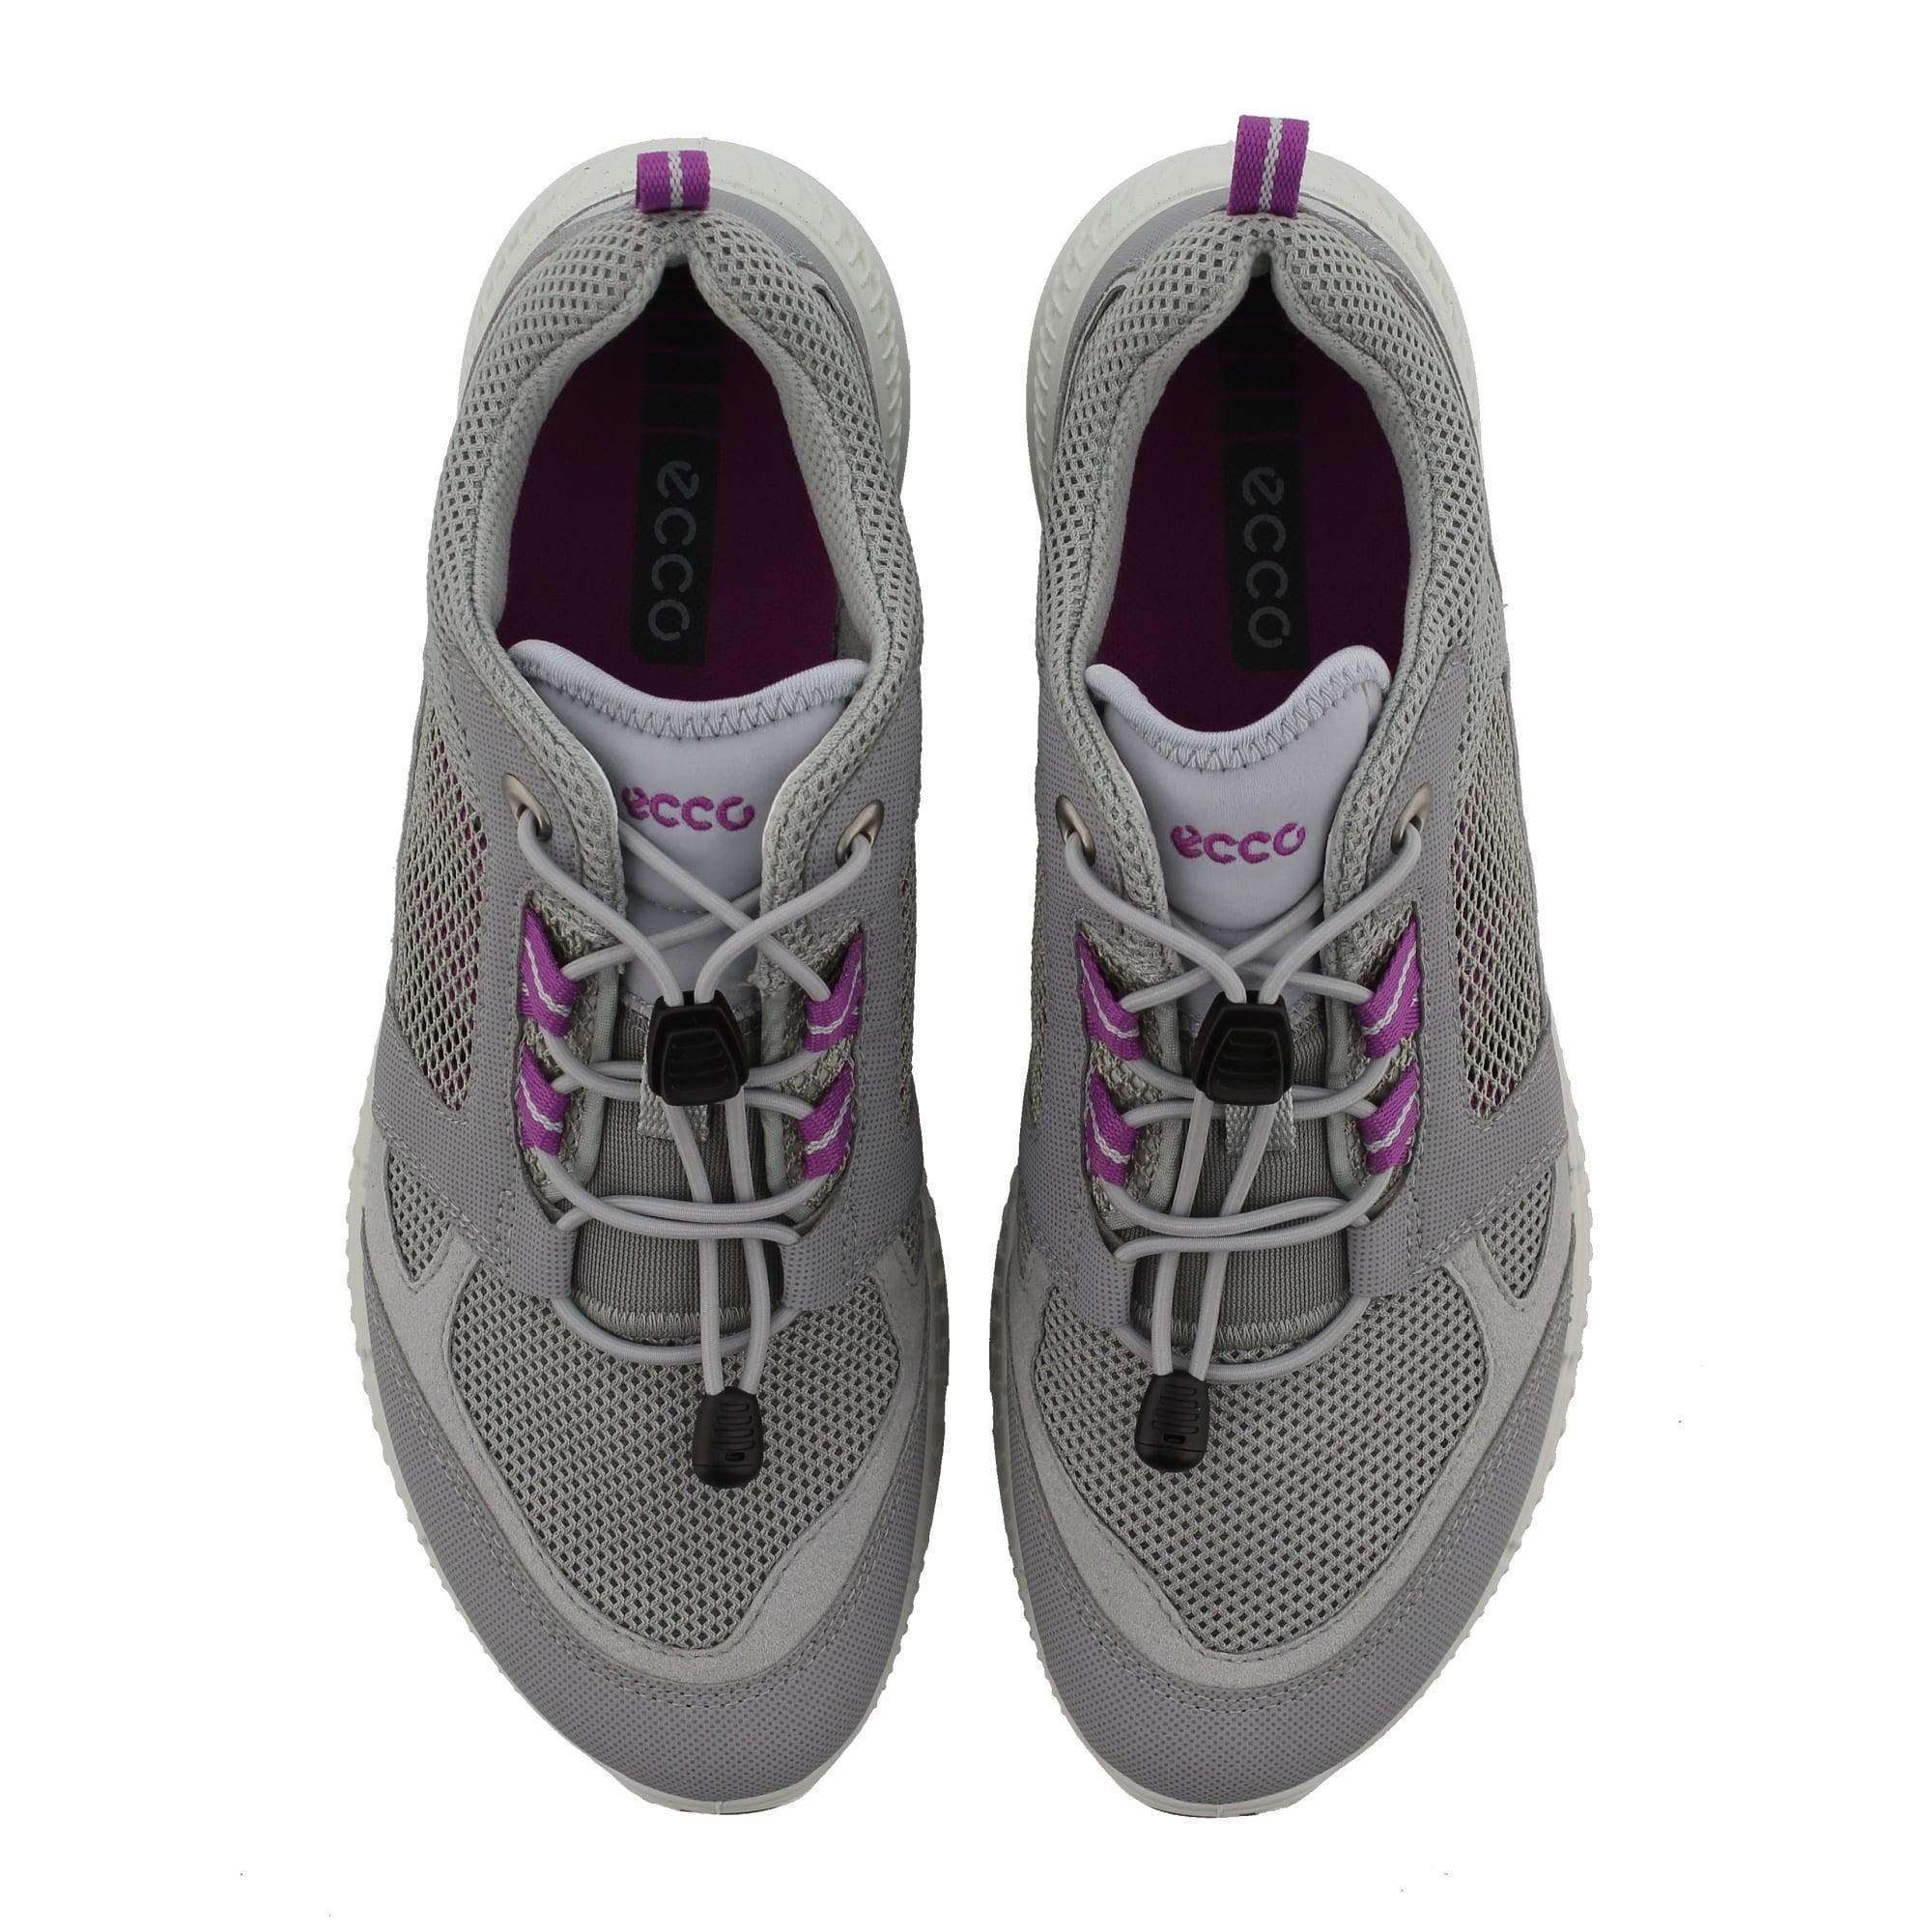 35 EU 843013 Silver Grey ECCO Damen Terracruise Ii Trekking